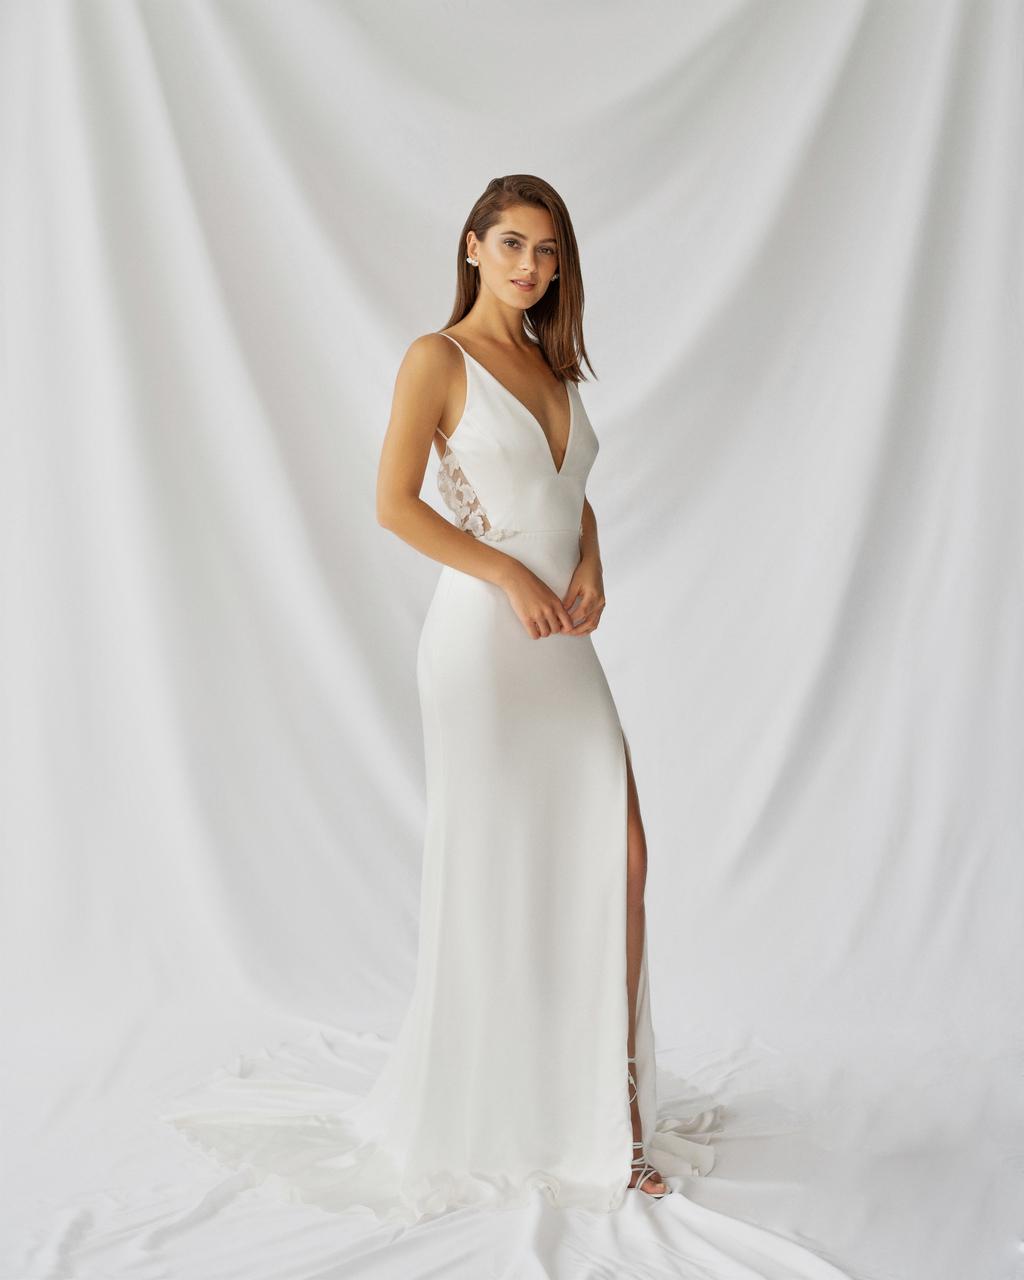 nerine dress photo